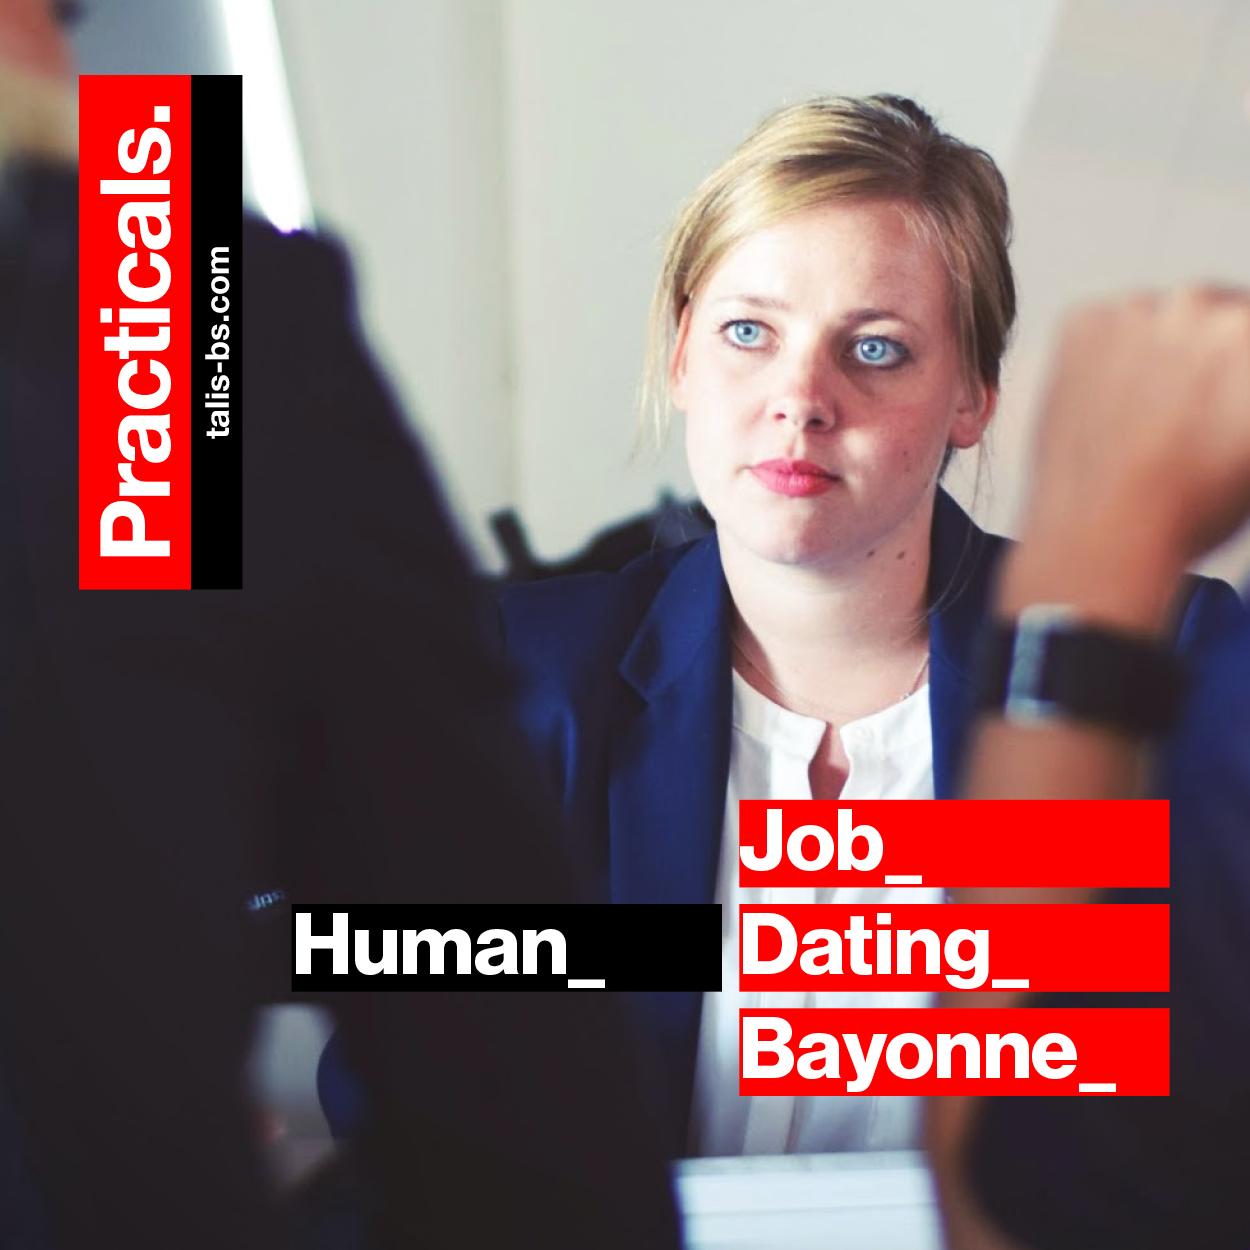 Job datant Bayonne rencontre quelqu'un avec le même nom que votre mère